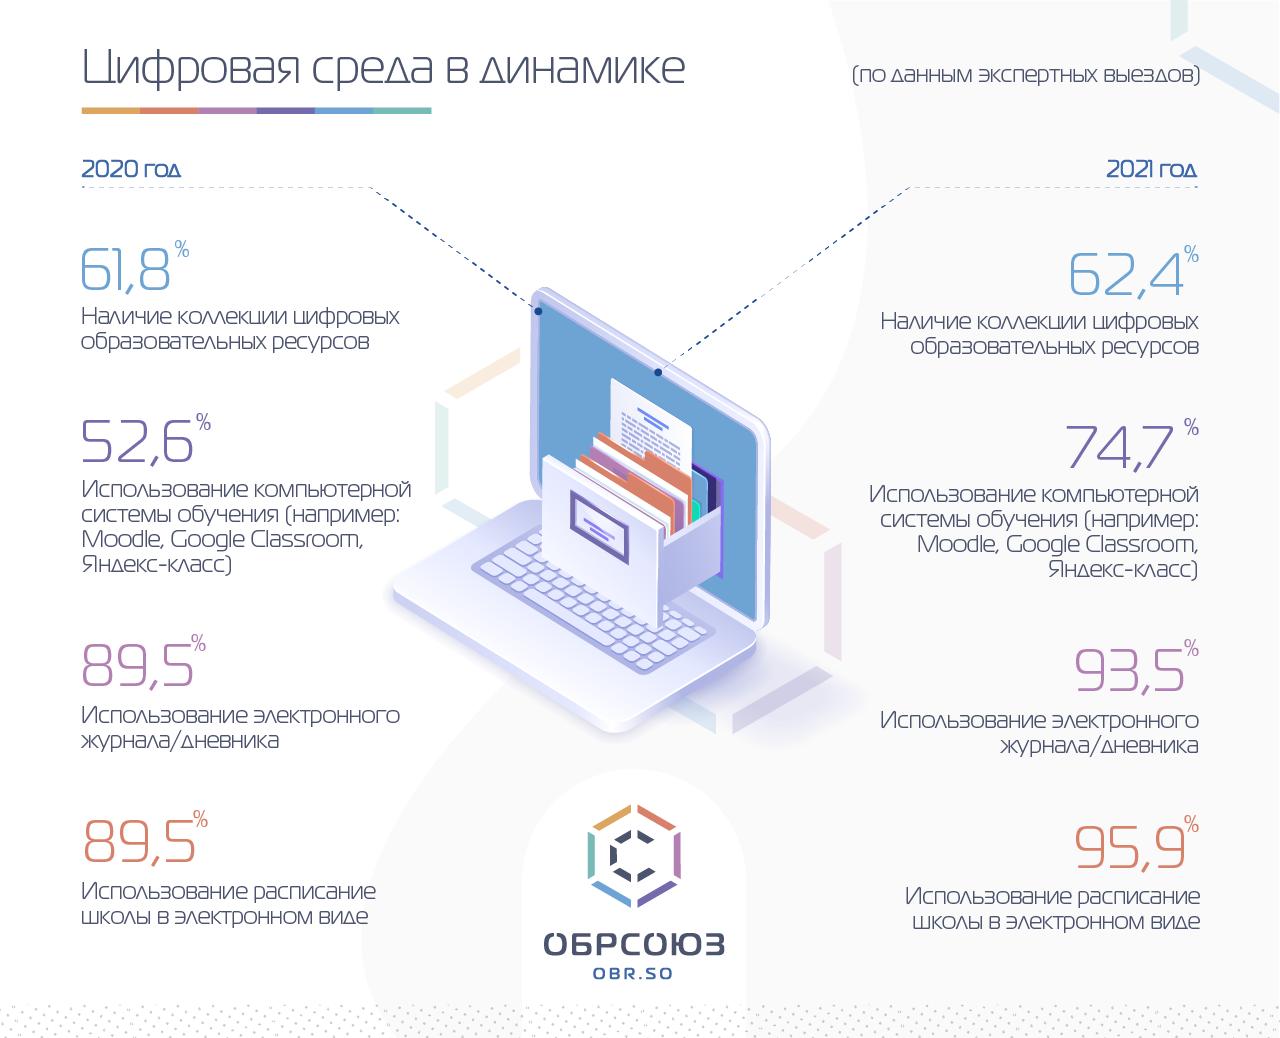 Результаты мониторинга: цифровая среды в динамике